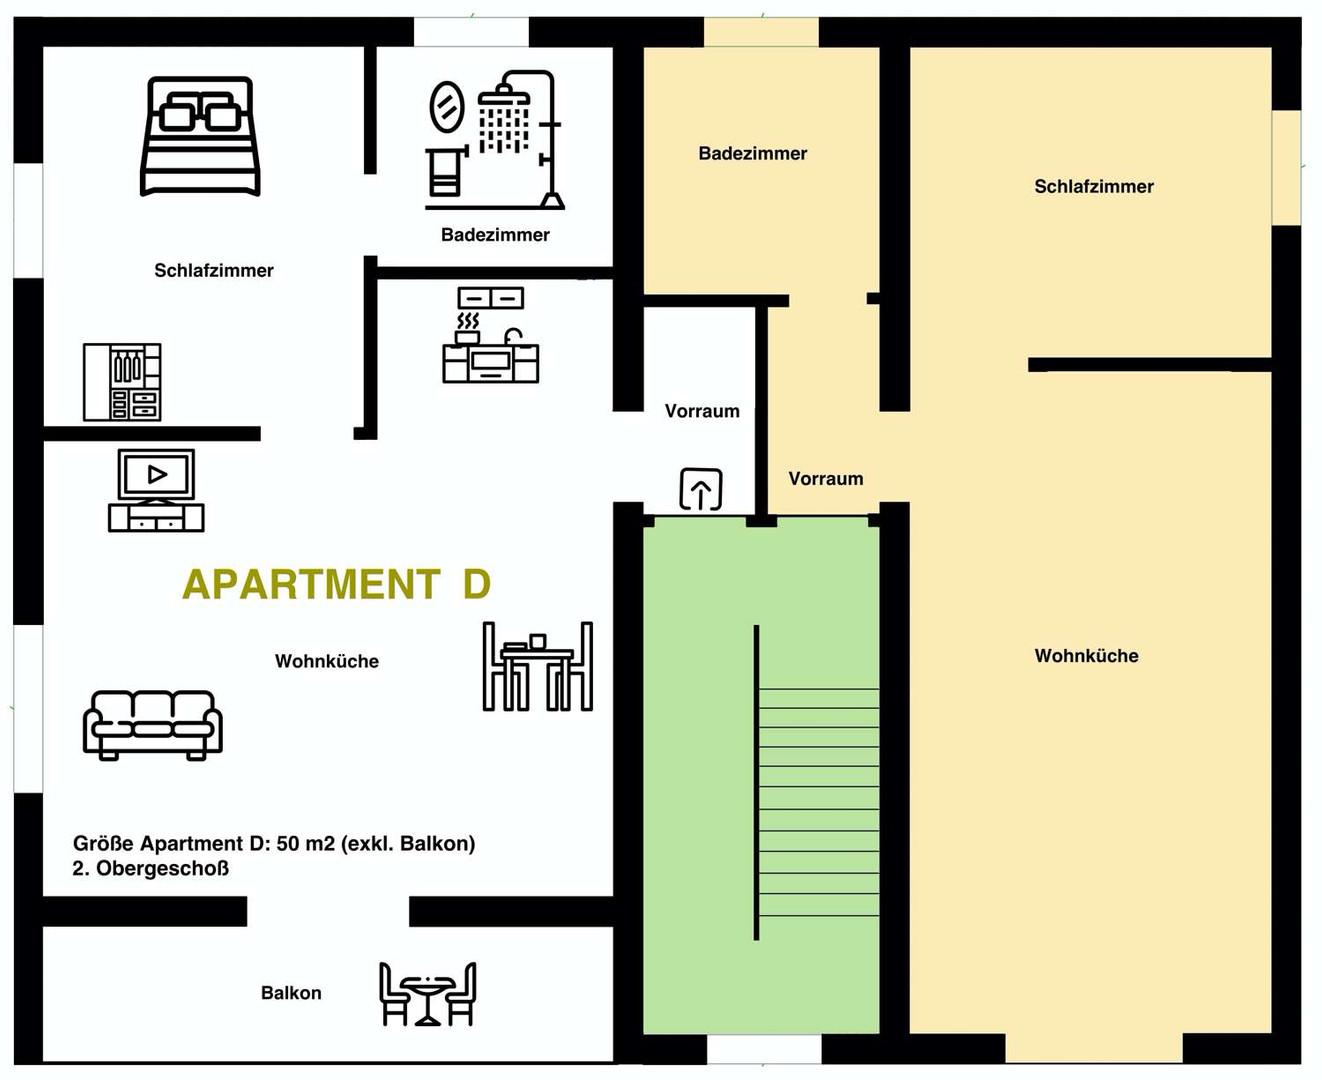 Apartment D 2.Obergeschoß